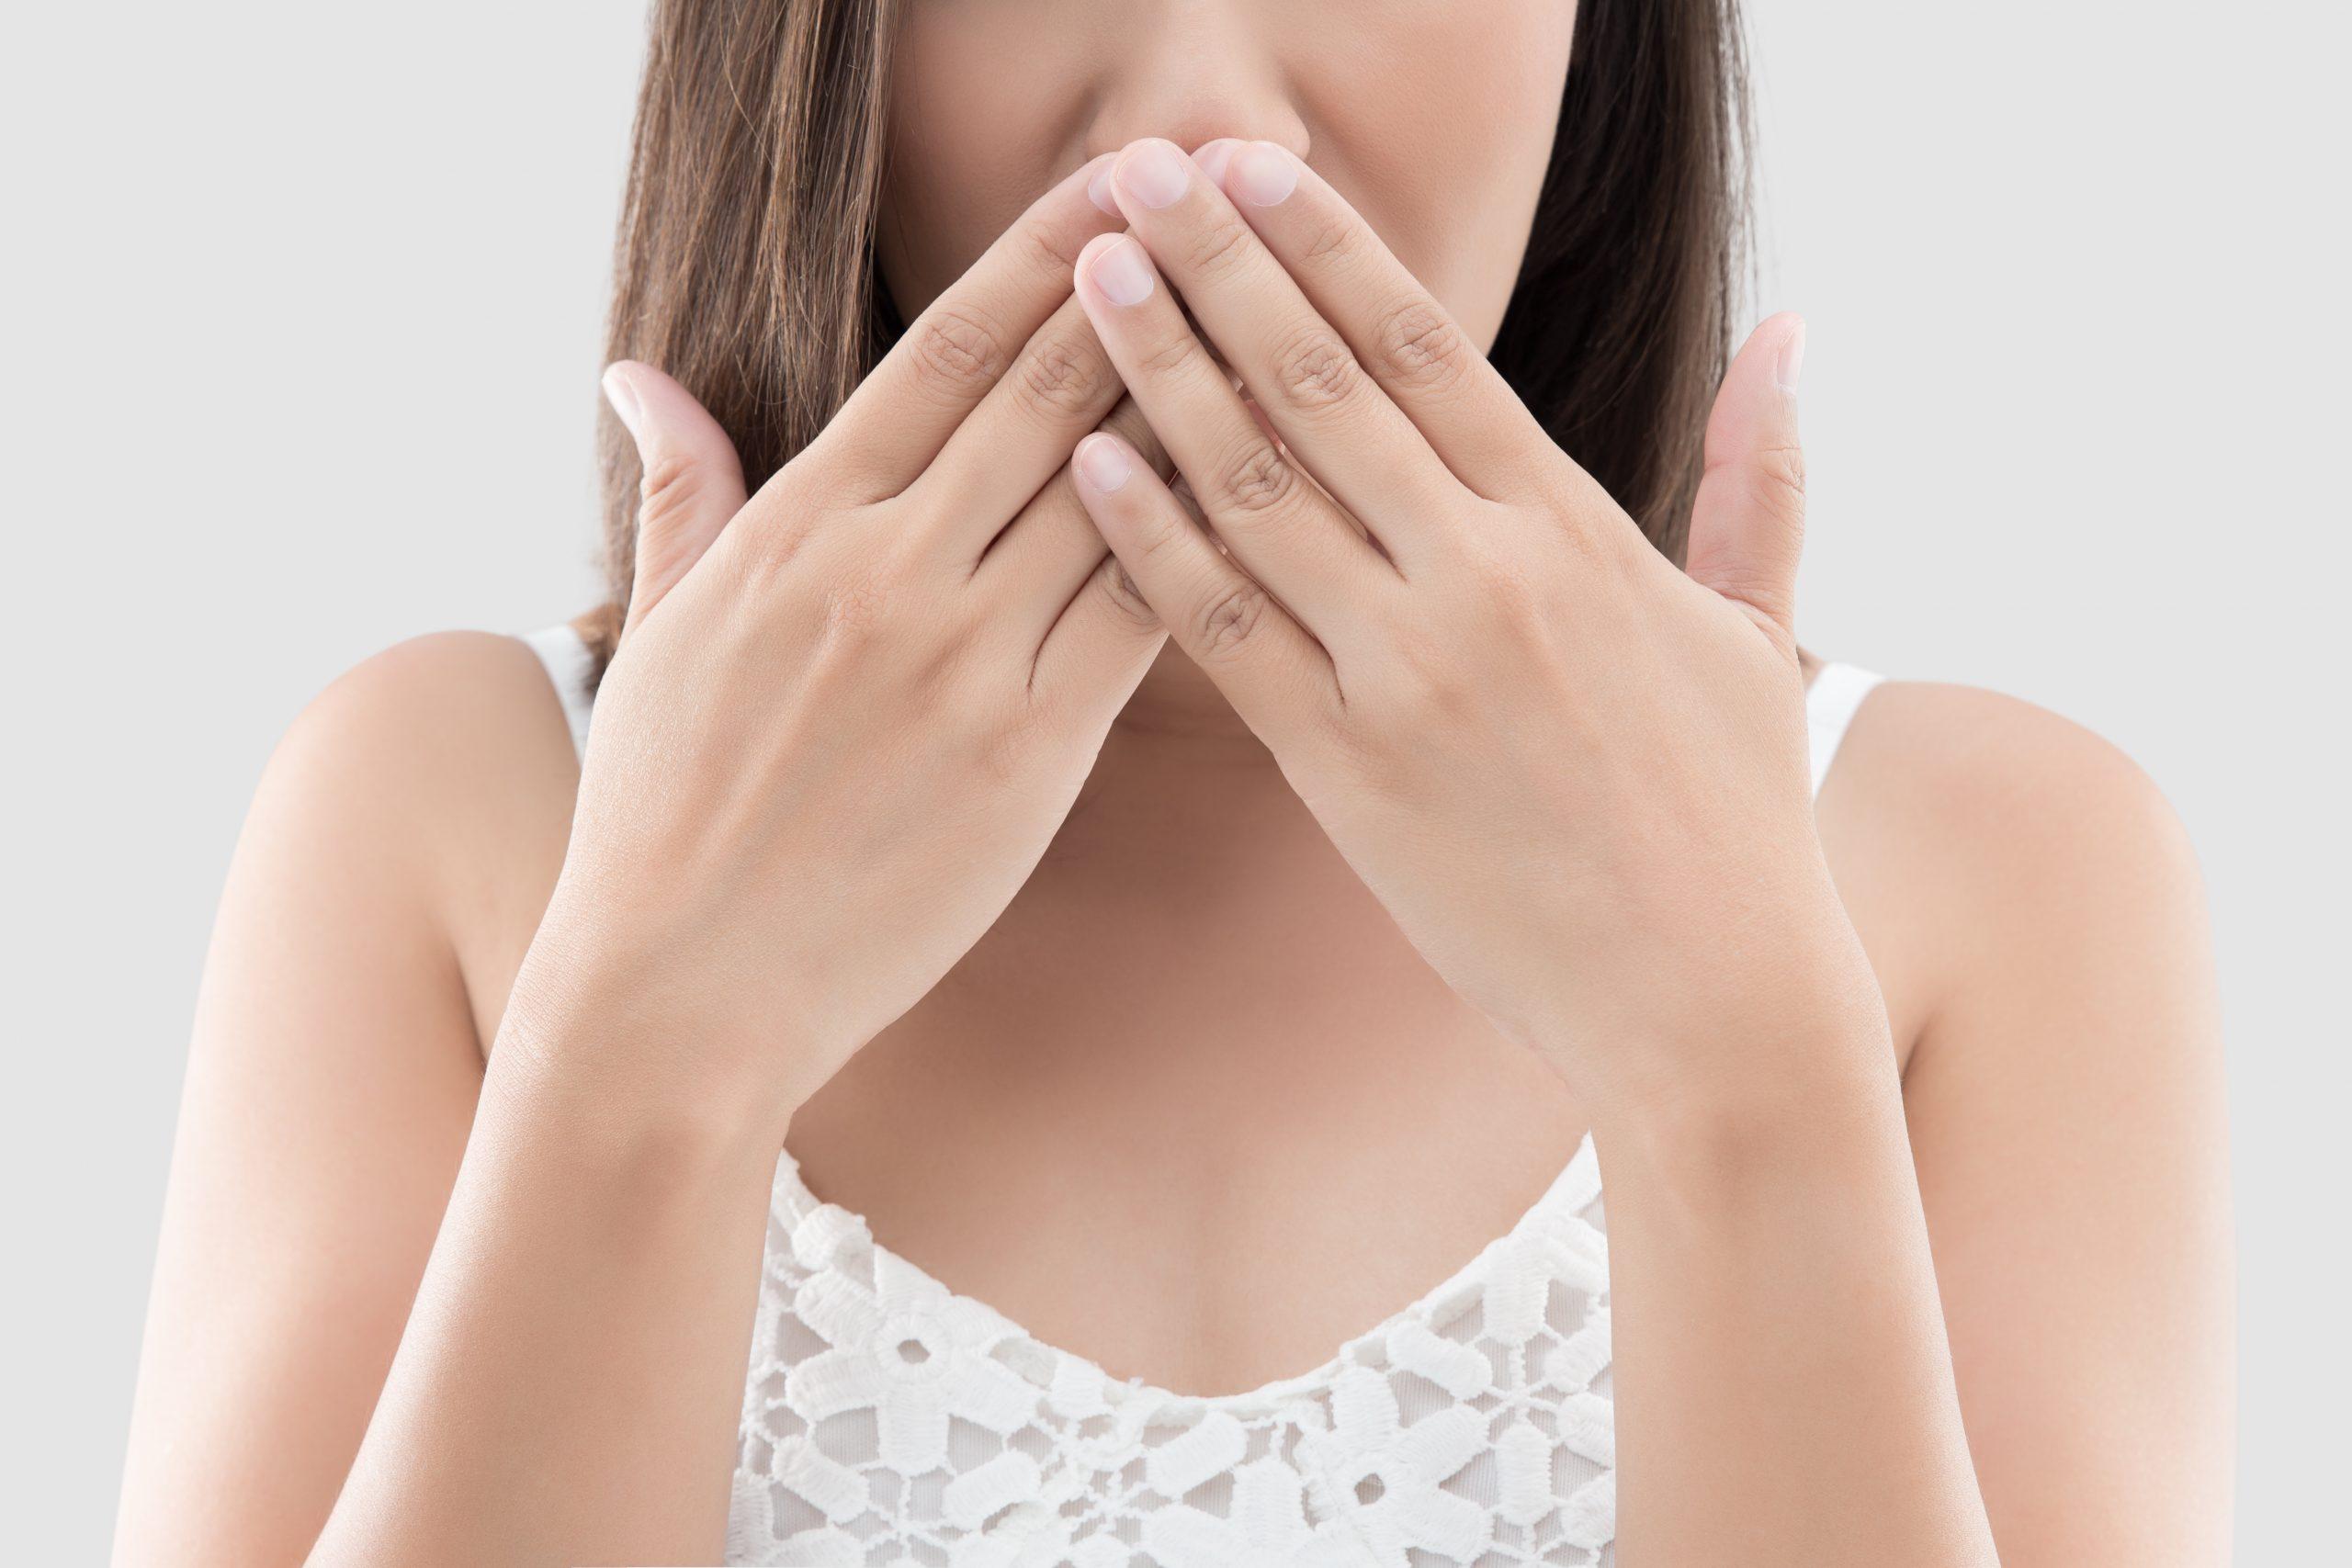 4 λόγοι που έχουμε κακή αναπνοή κάτω από την μάσκα